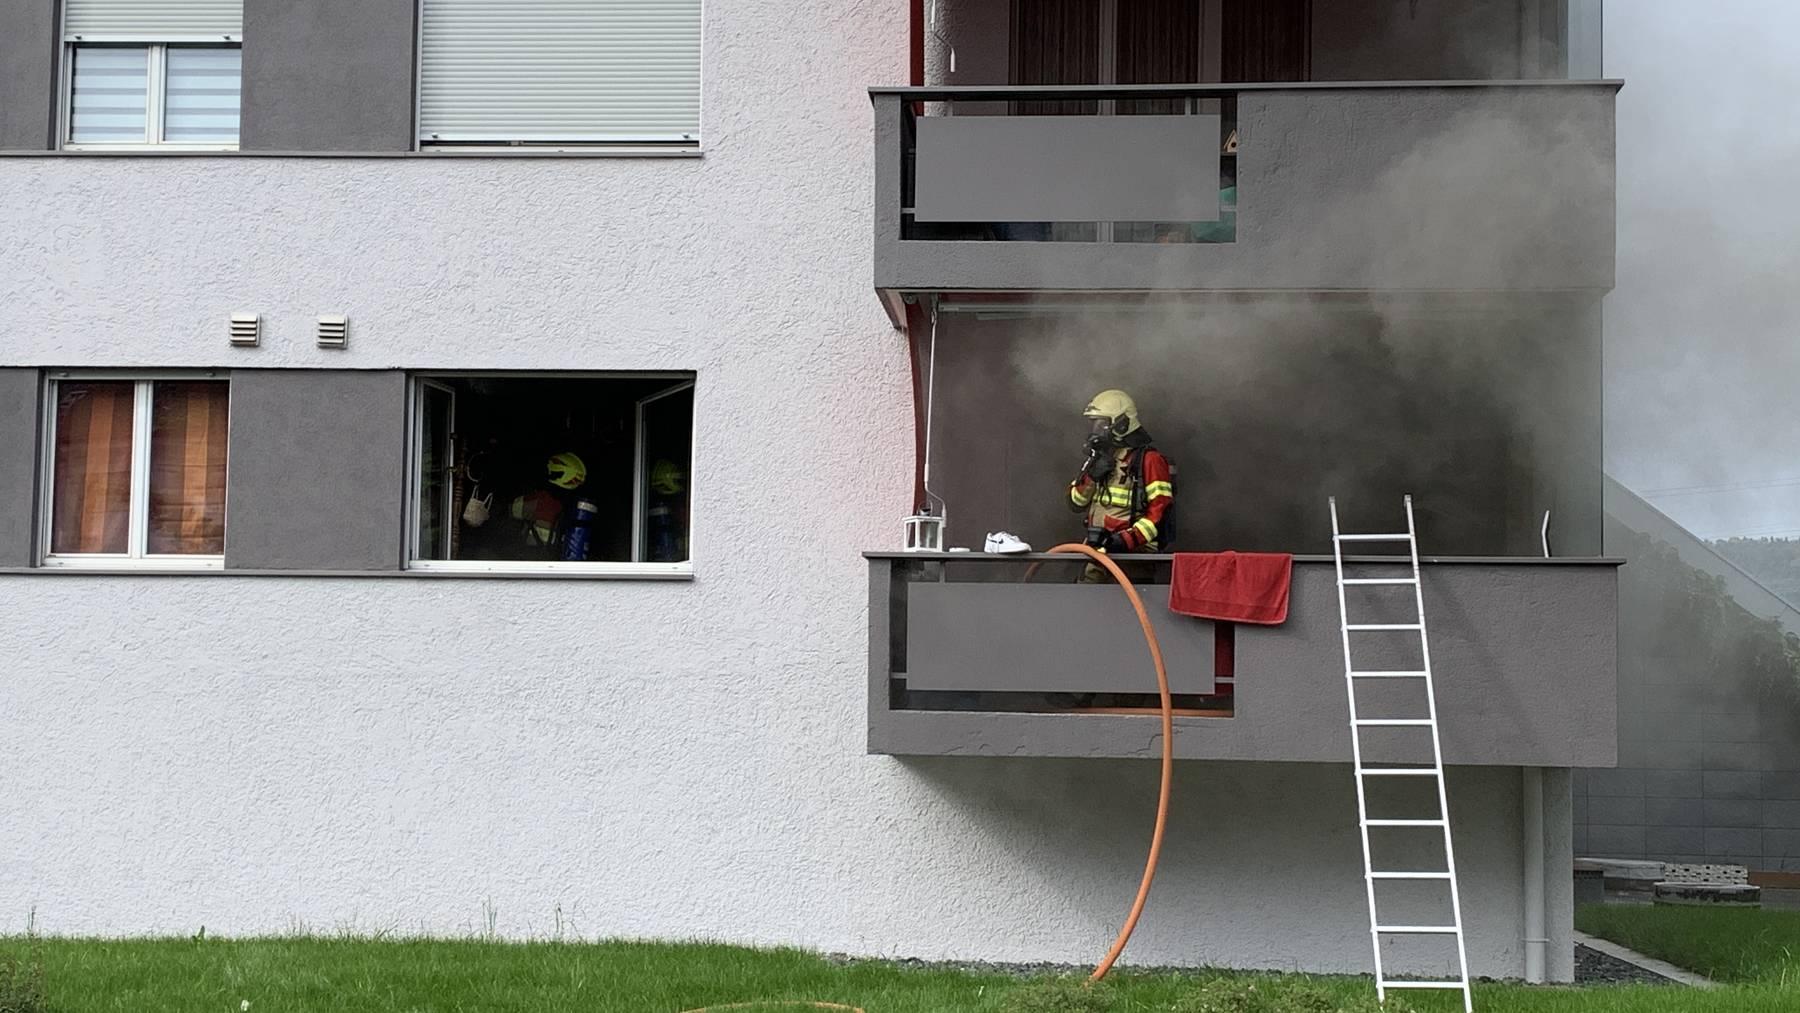 MM100_Rauch und Flammen in einem Mehrfamilienhaus (1)